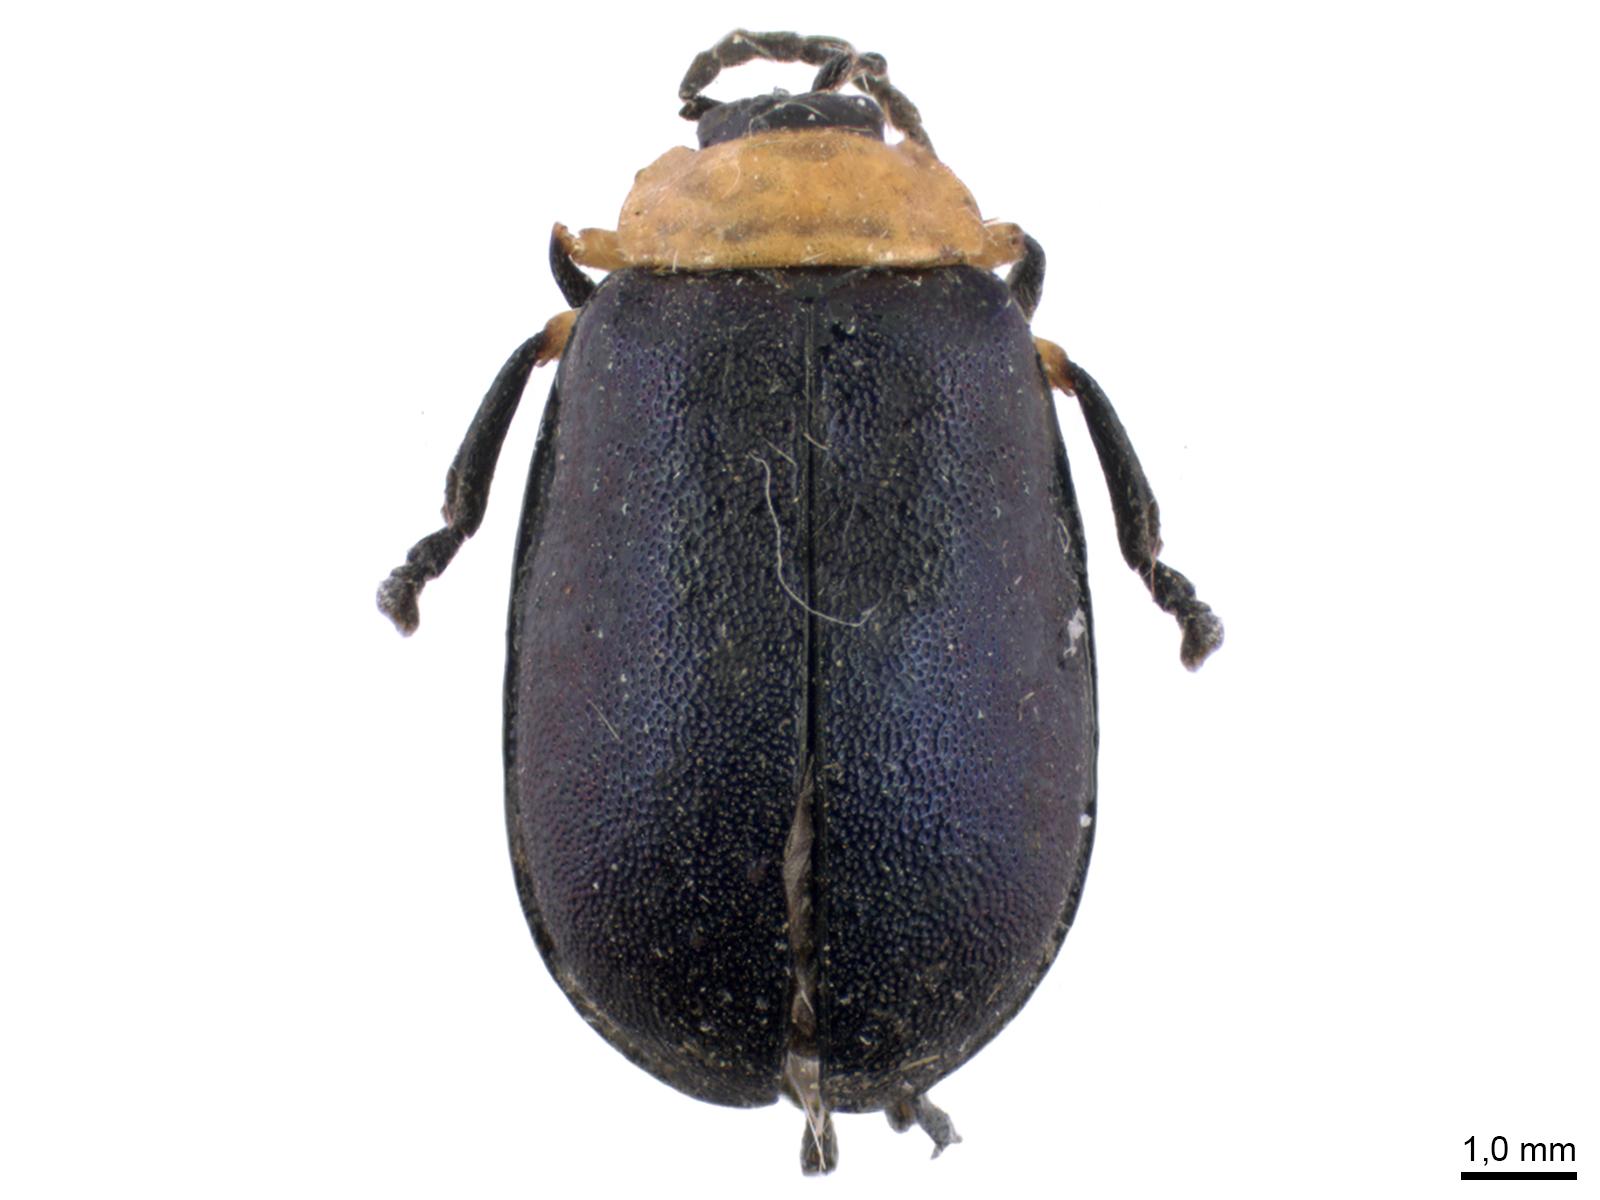 Asphaera abdominalis (Chevrolat, 1835)